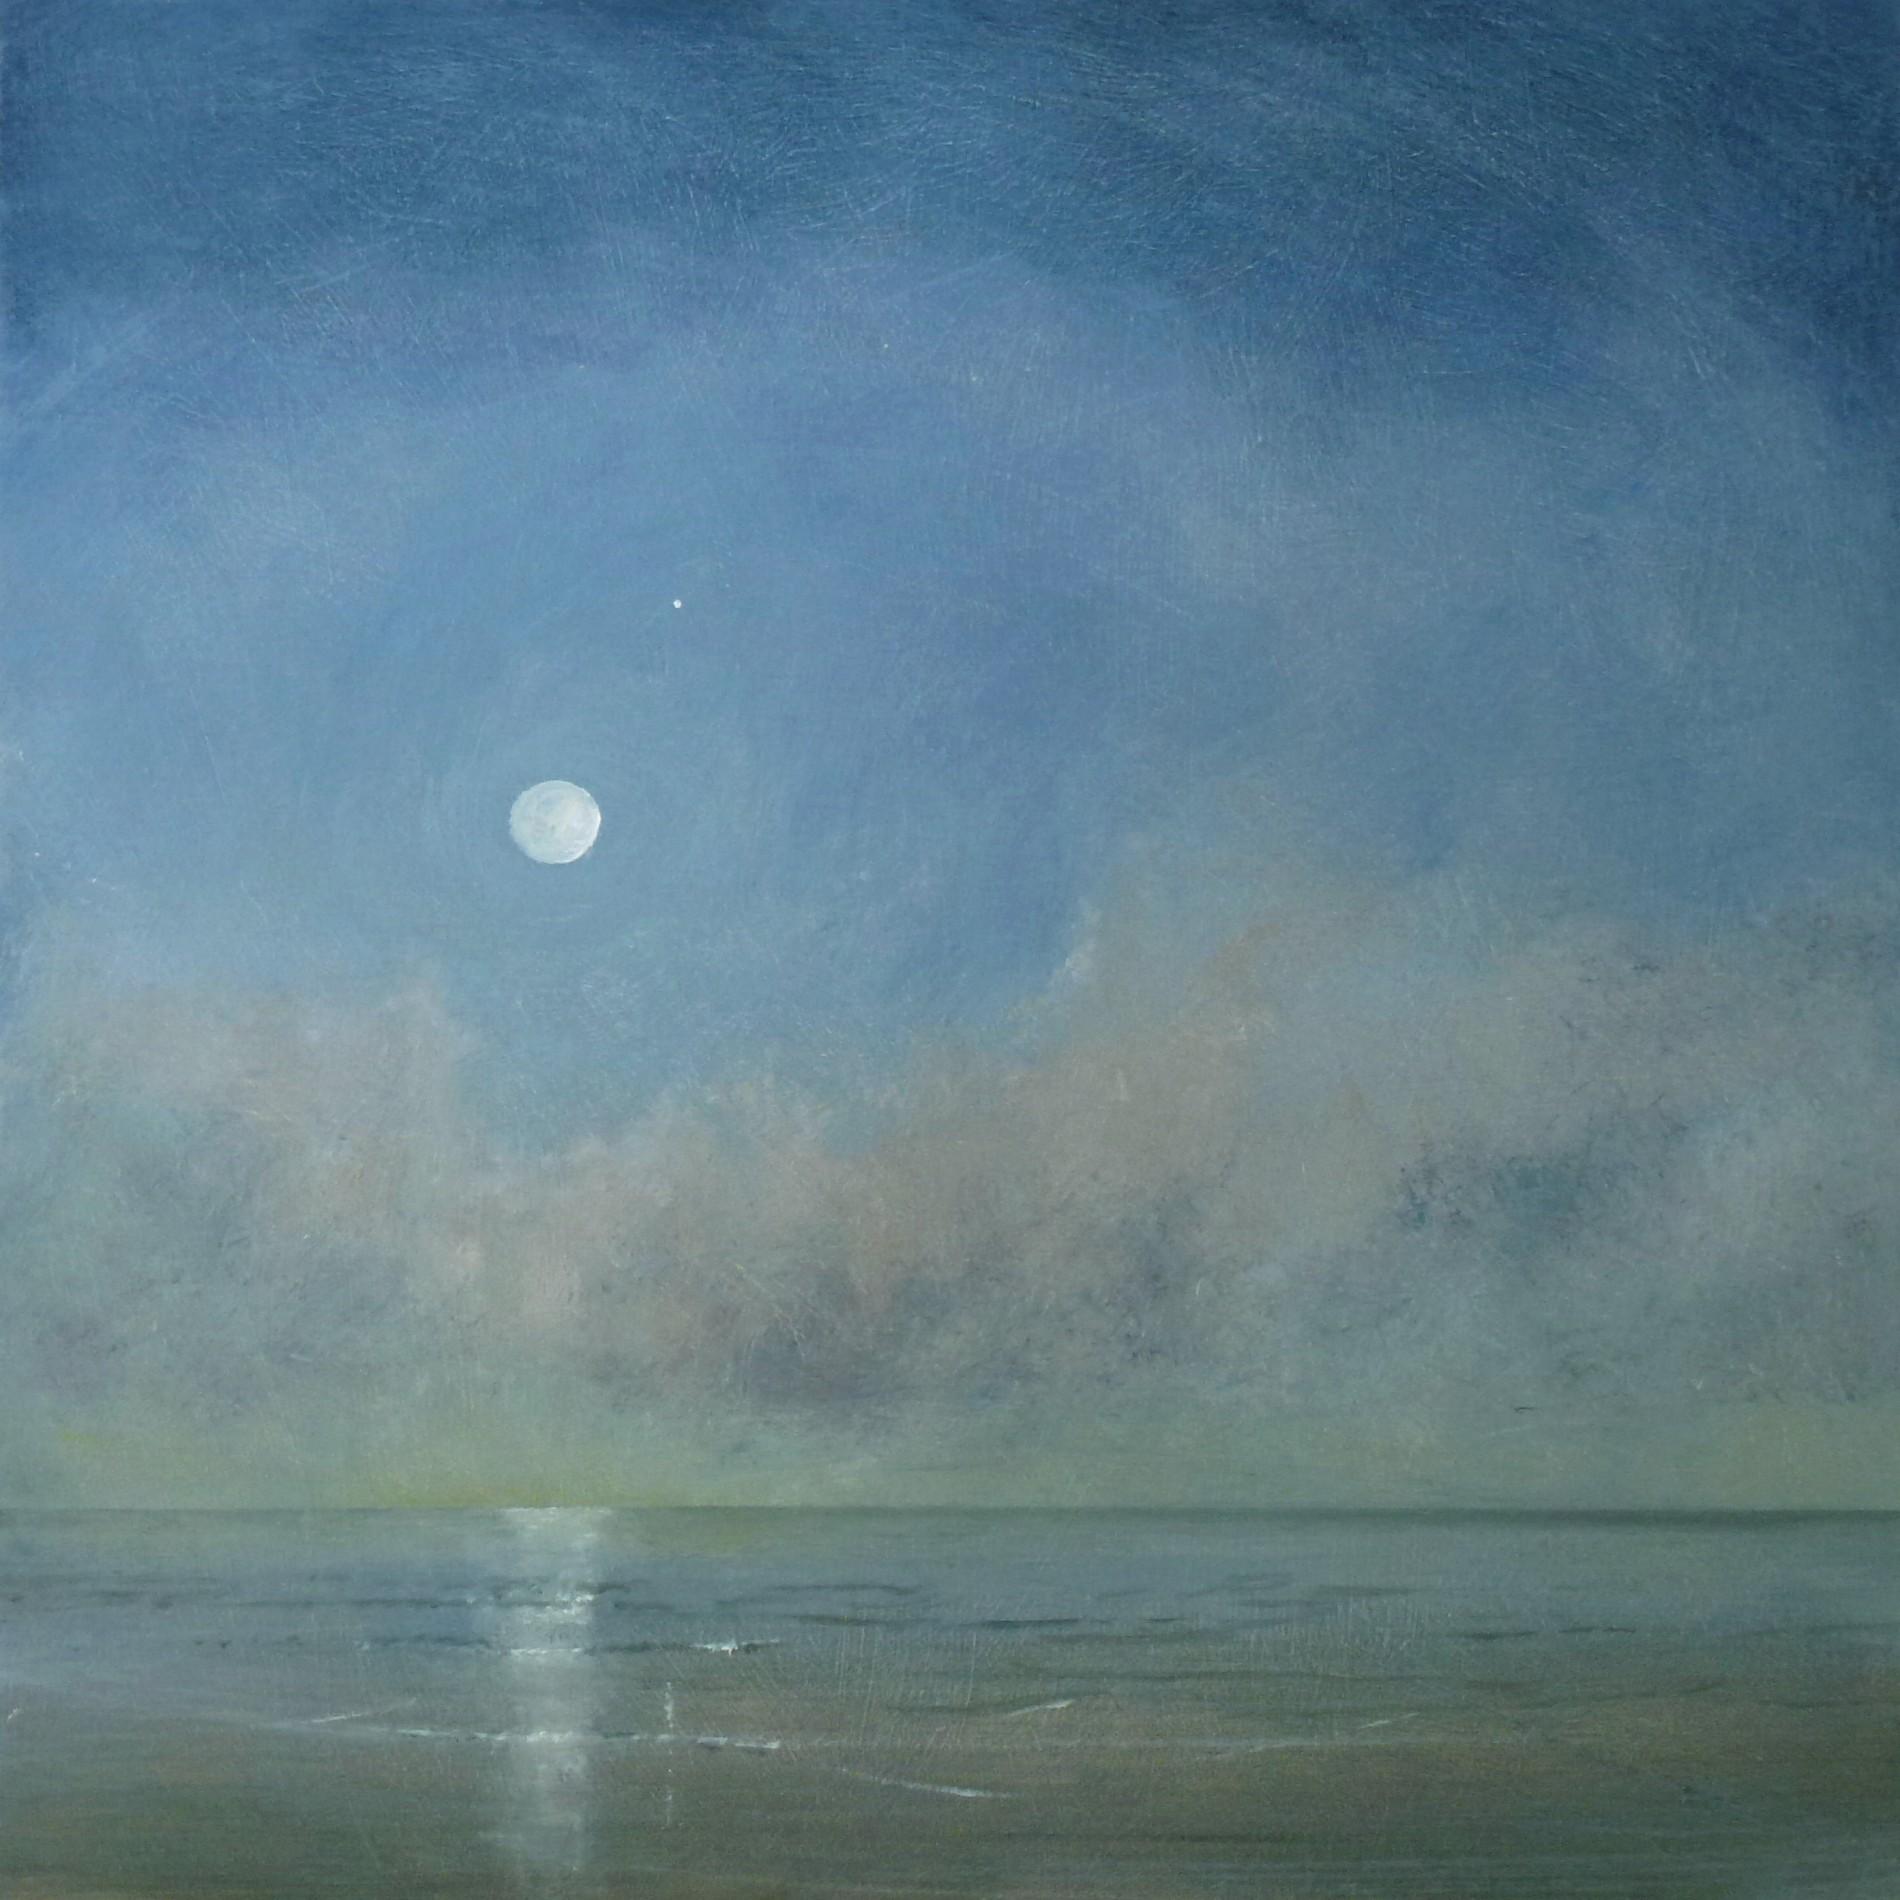 Full Moon – Low Tide